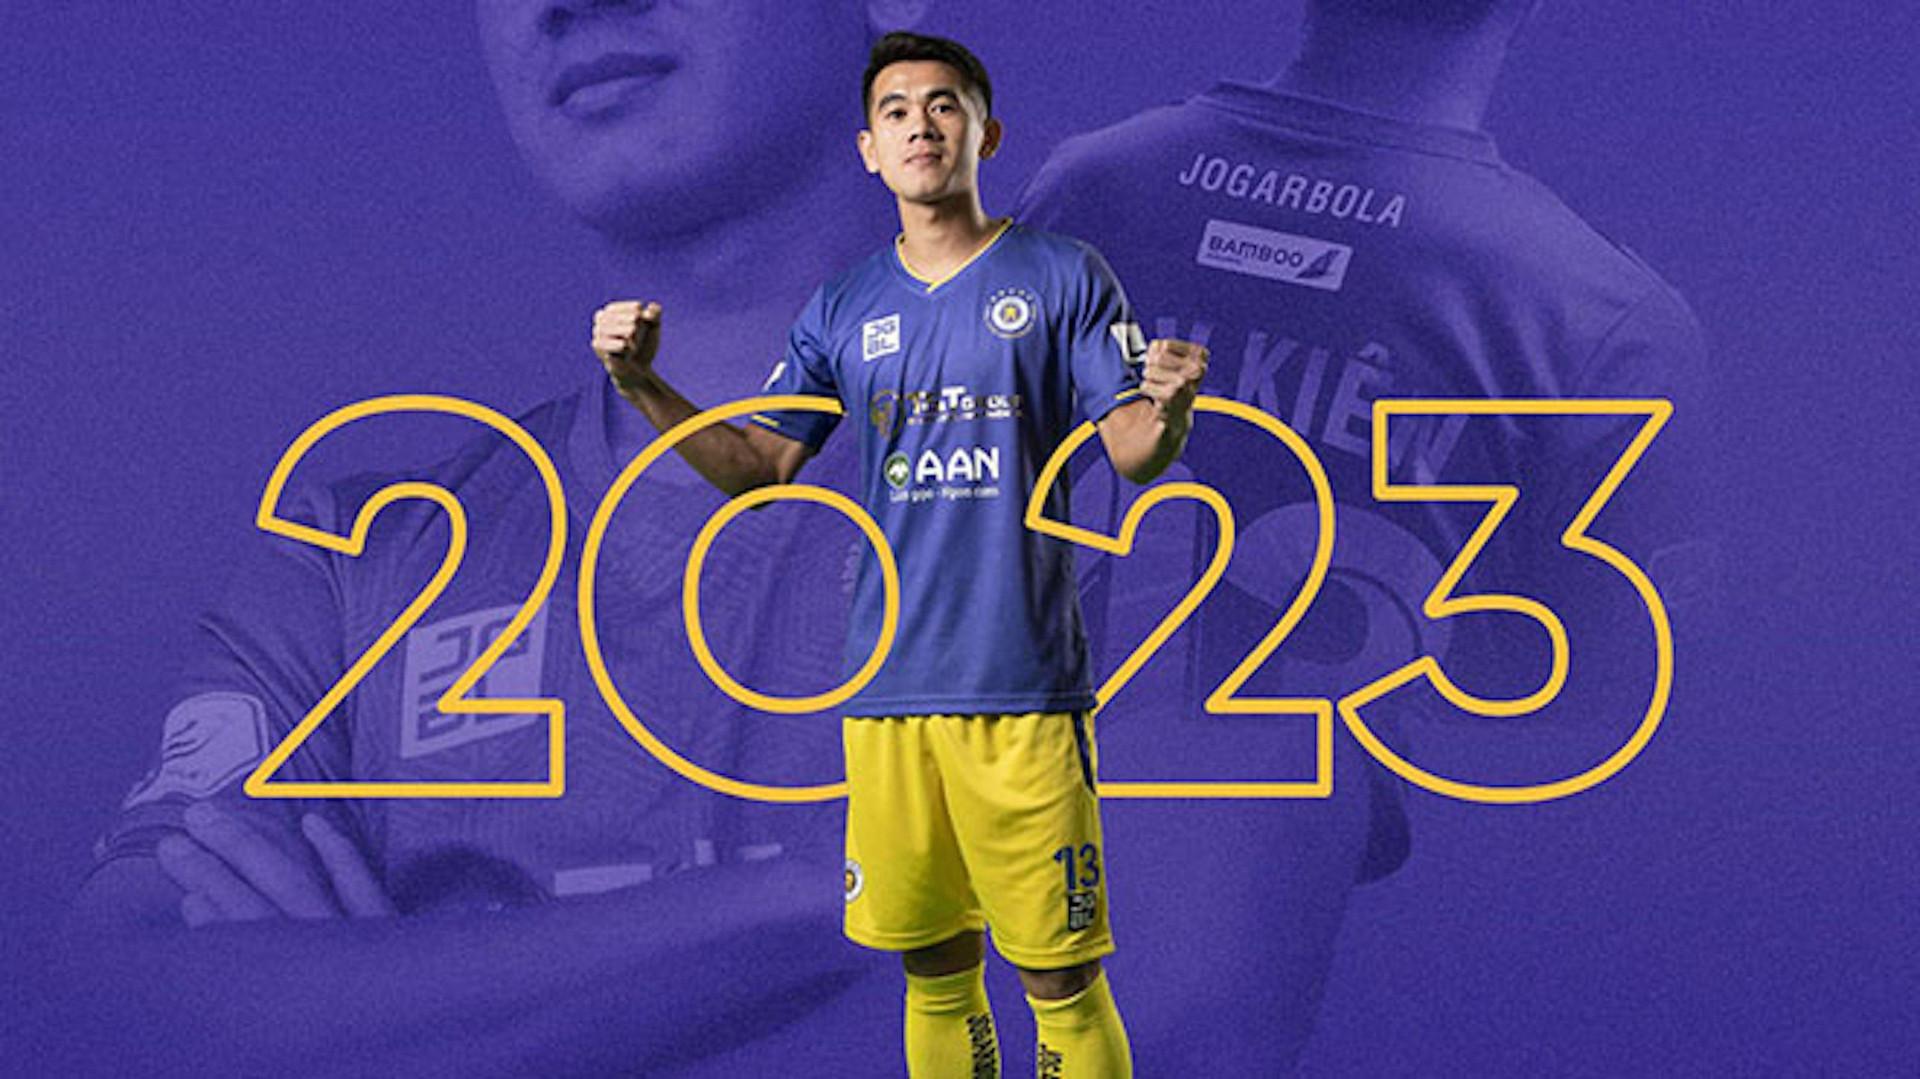 Tuyển Việt Nam gọi bổ sung hậu vệ Hà Nội FC - 1